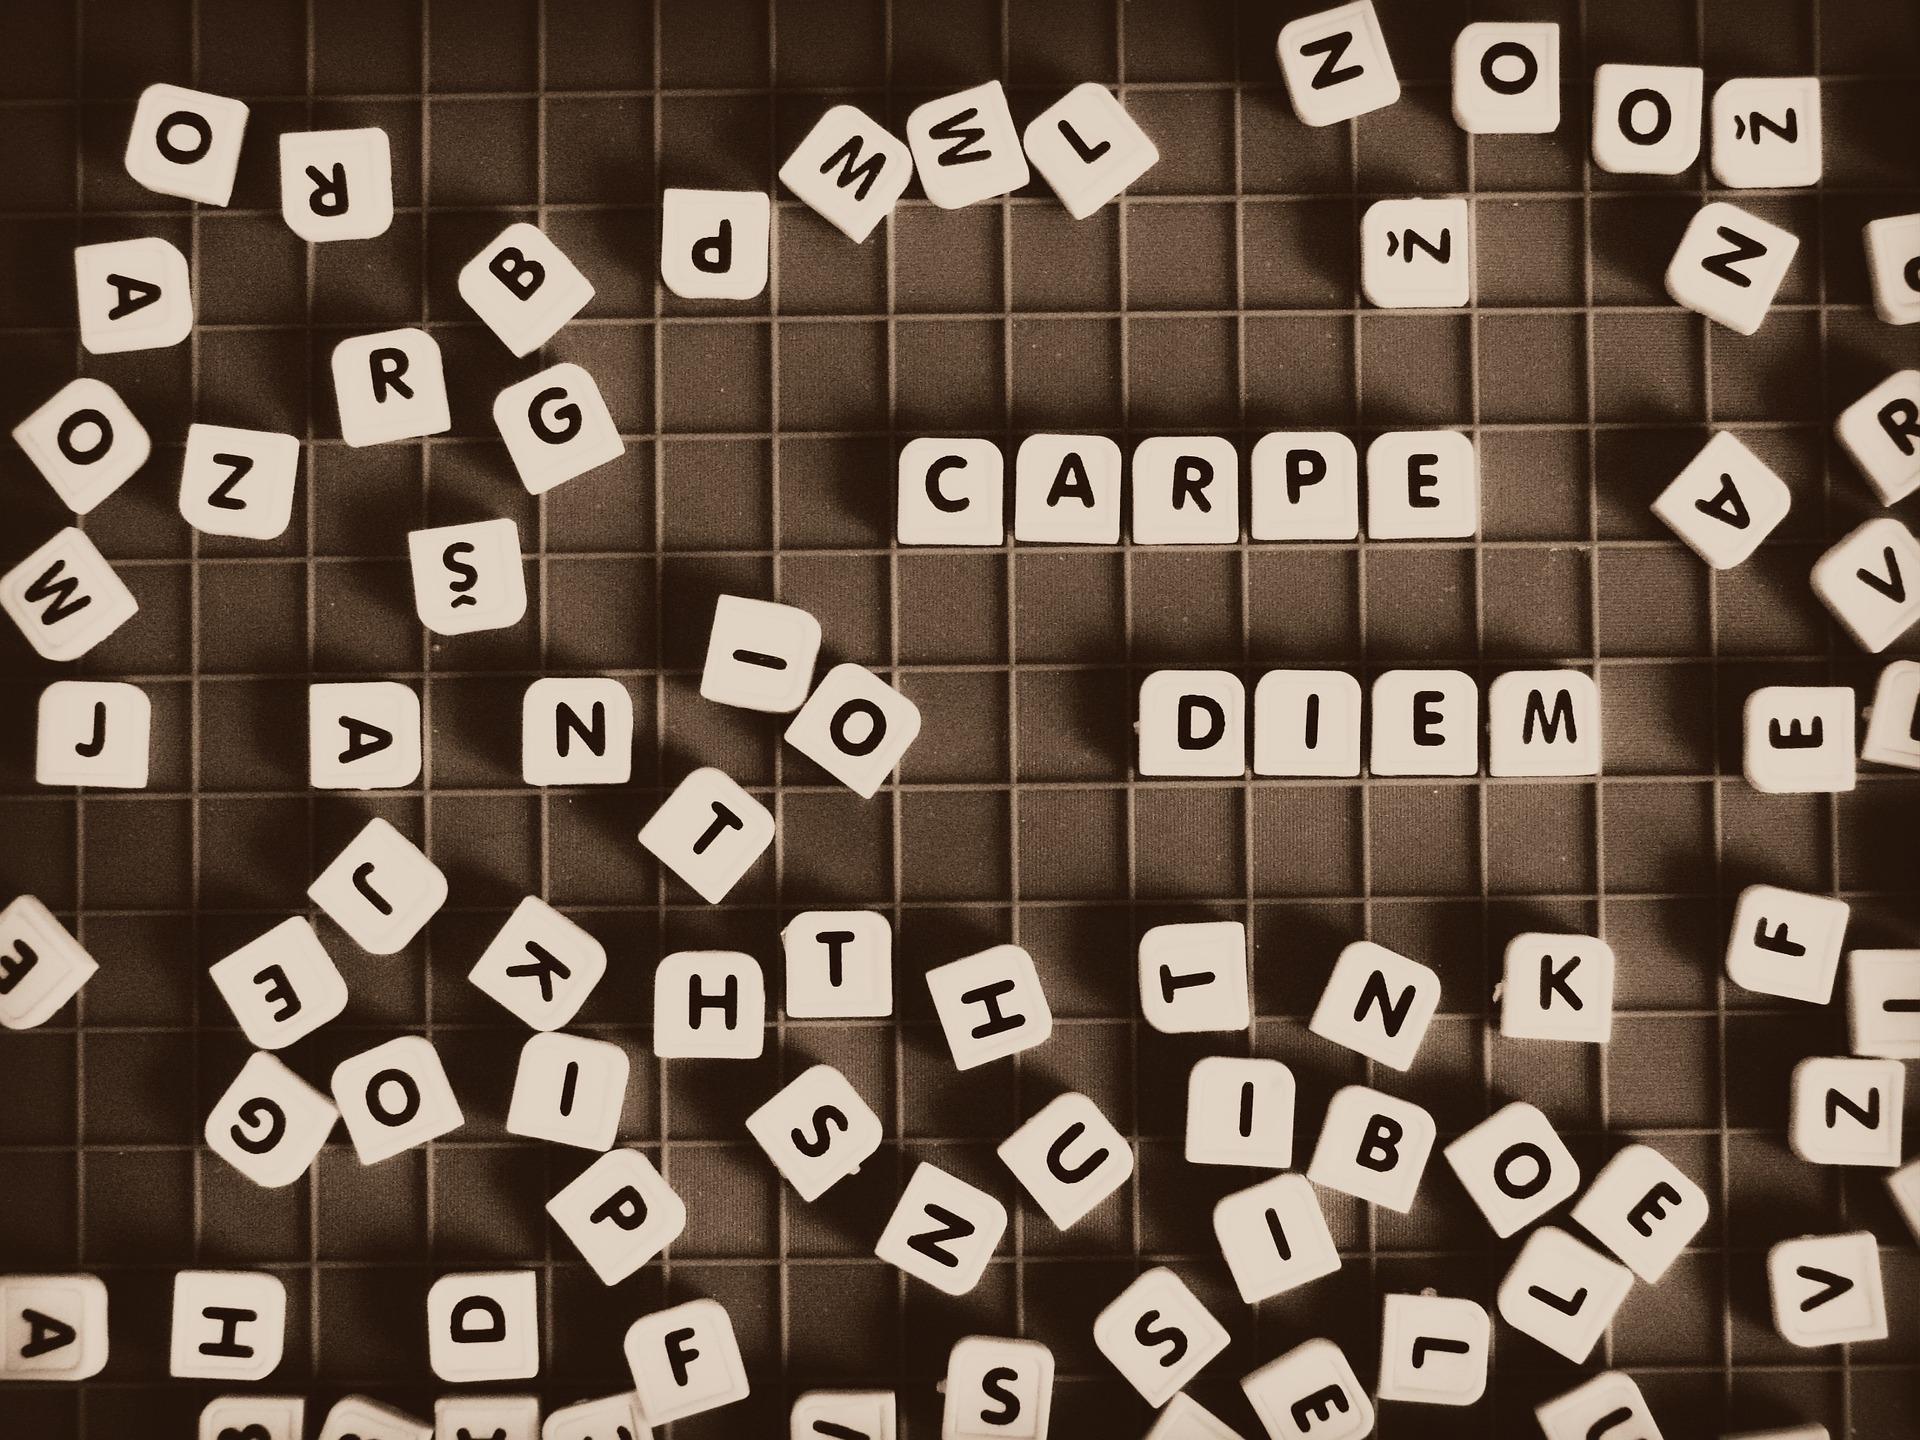 palavras, jogo, namoro, letras de músicas, vida - Papéis de parede HD - Professor-falken.com